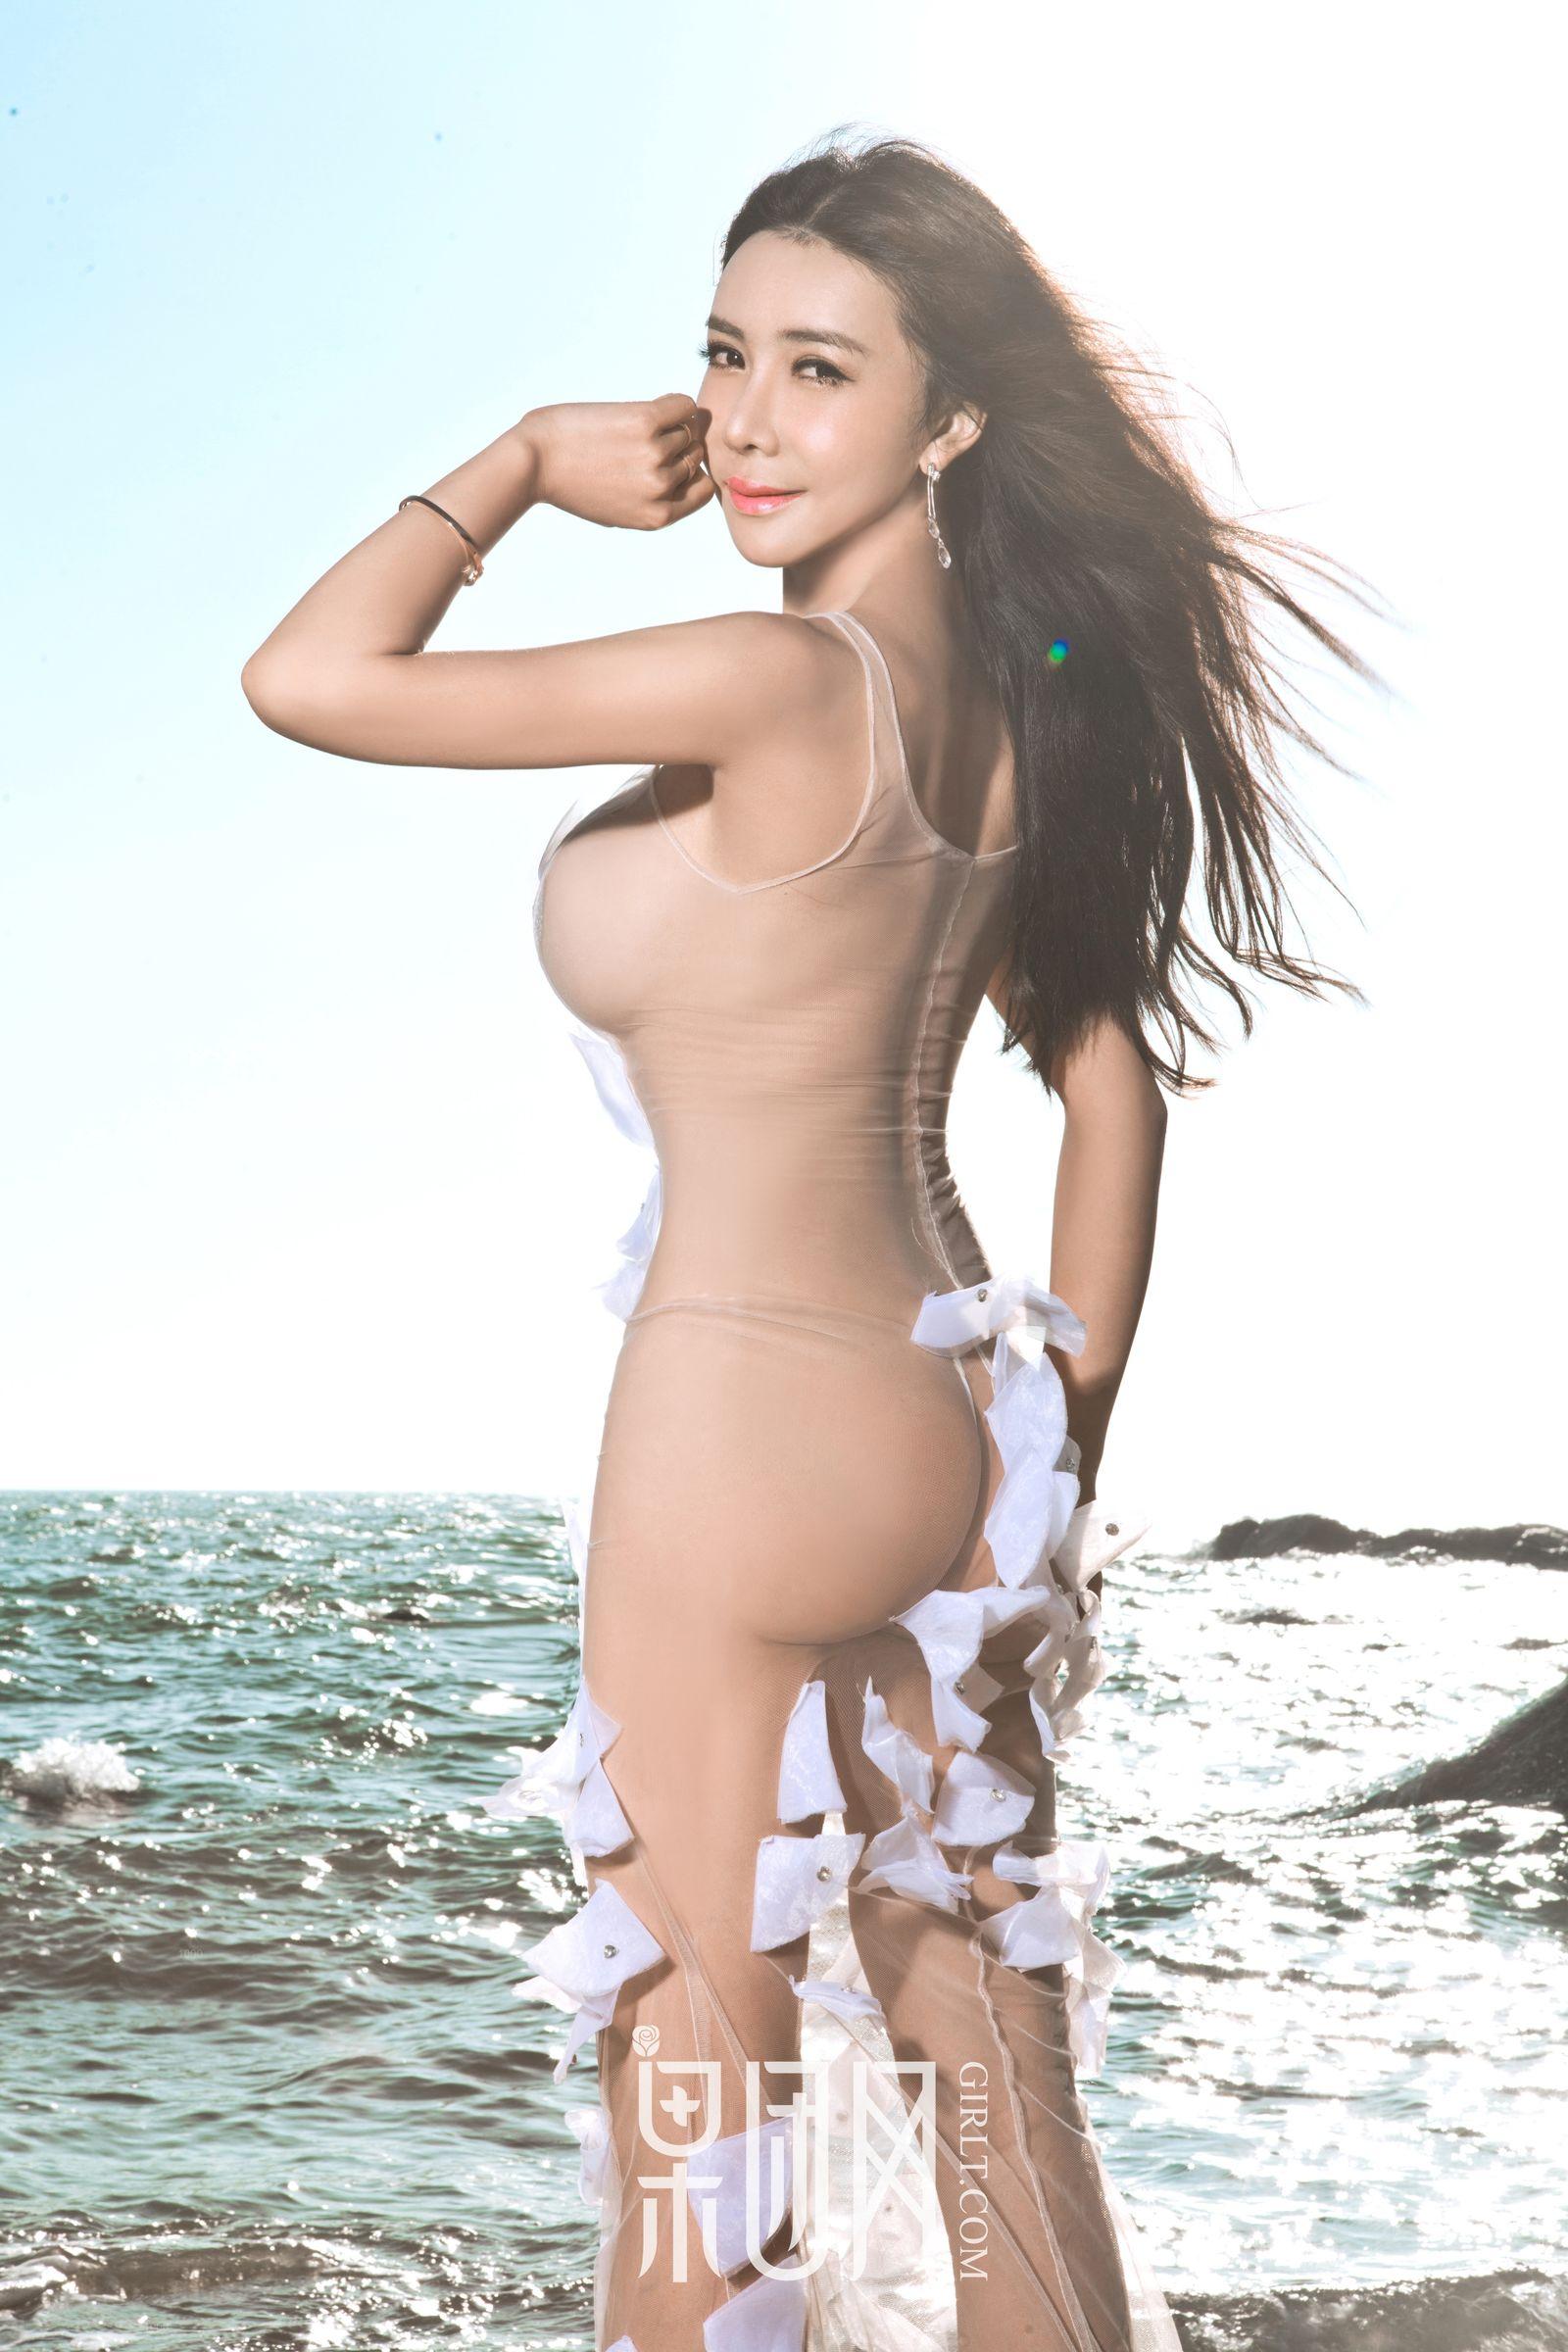 龚玥菲 - 中国第一性感女神